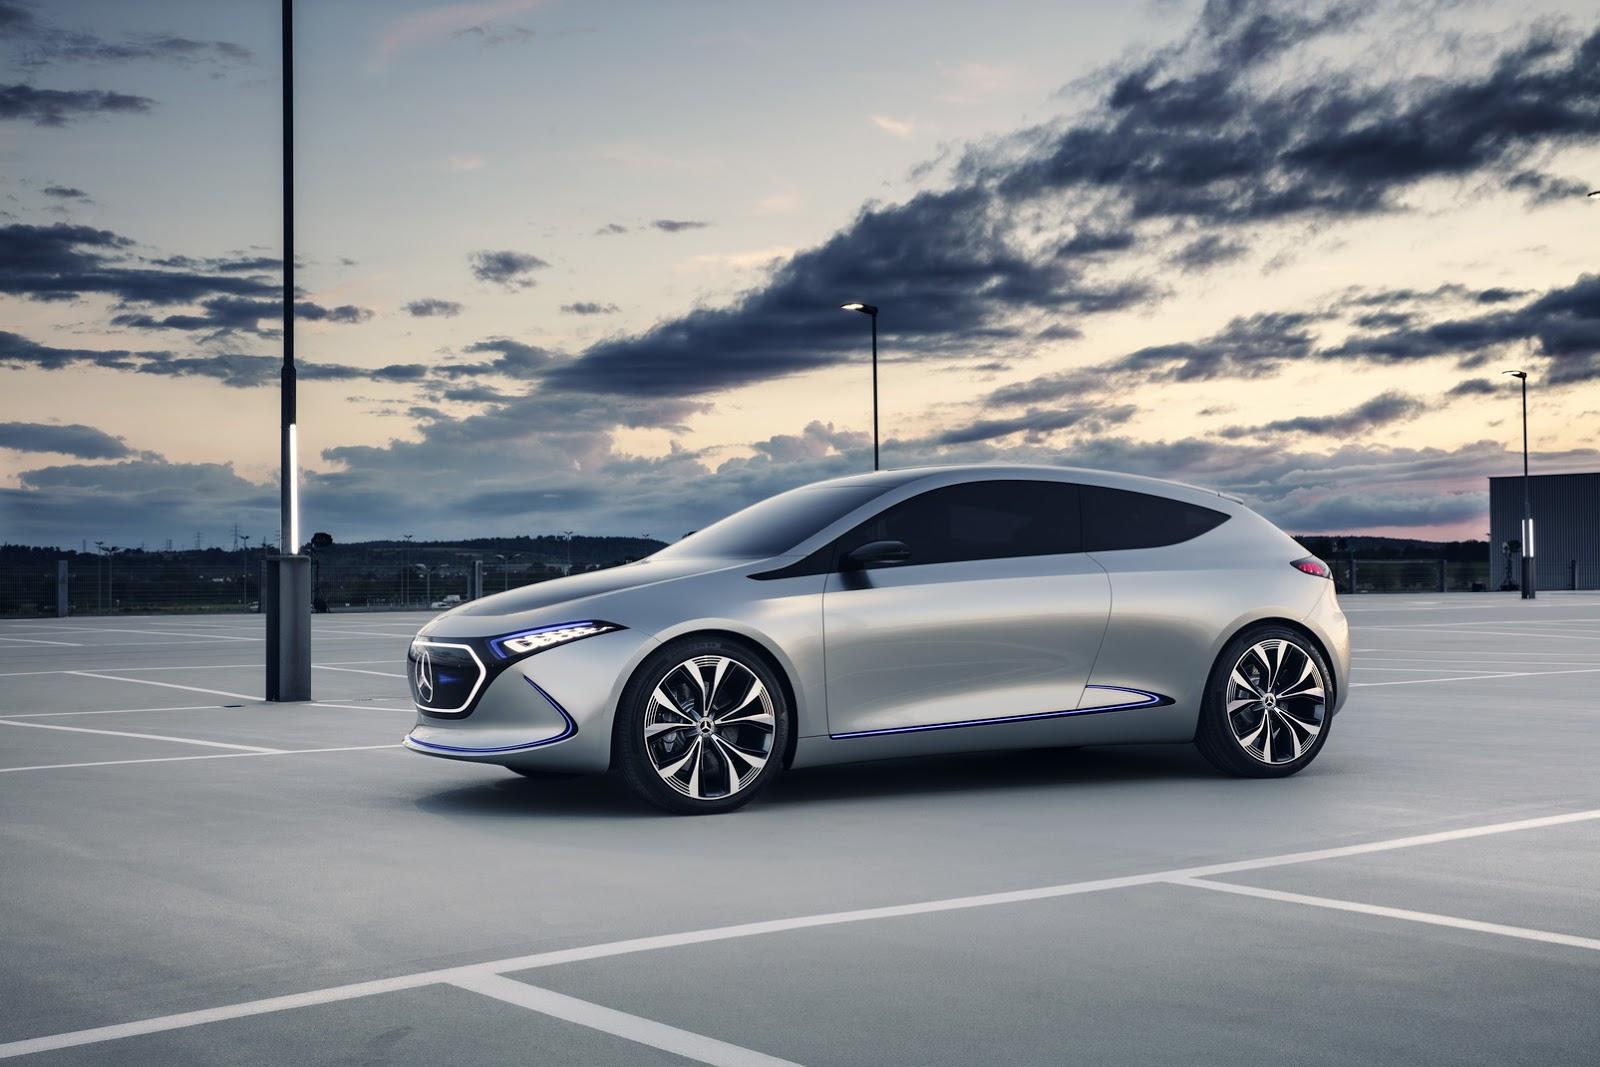 mercedes-eqa-concept-unveiled-2